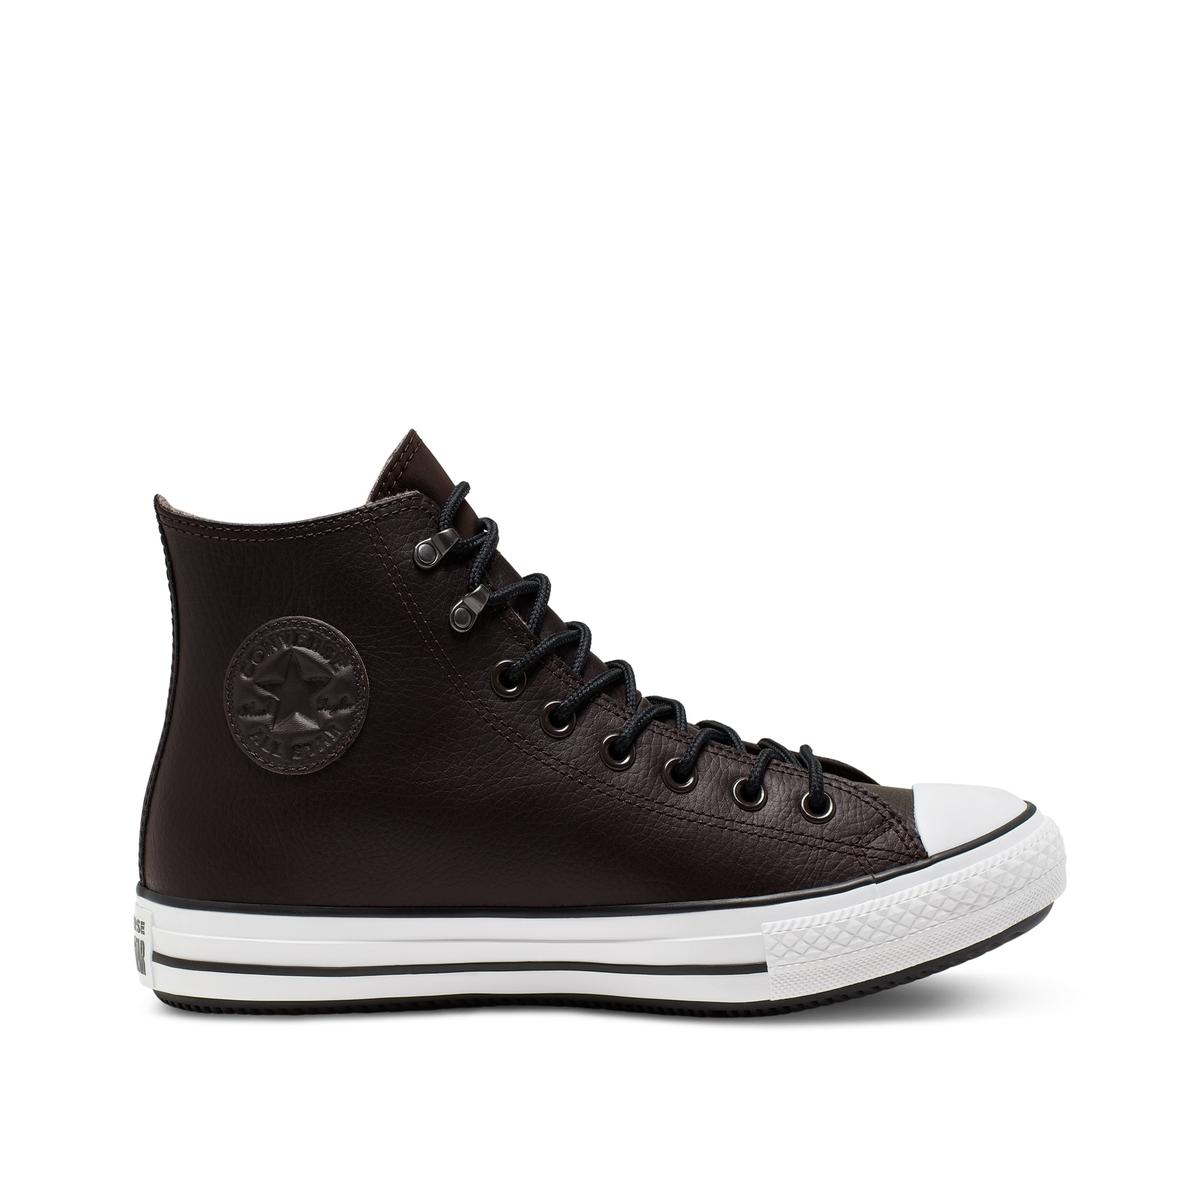 Zapatillas de piel Chuck Taylor All Star Winter